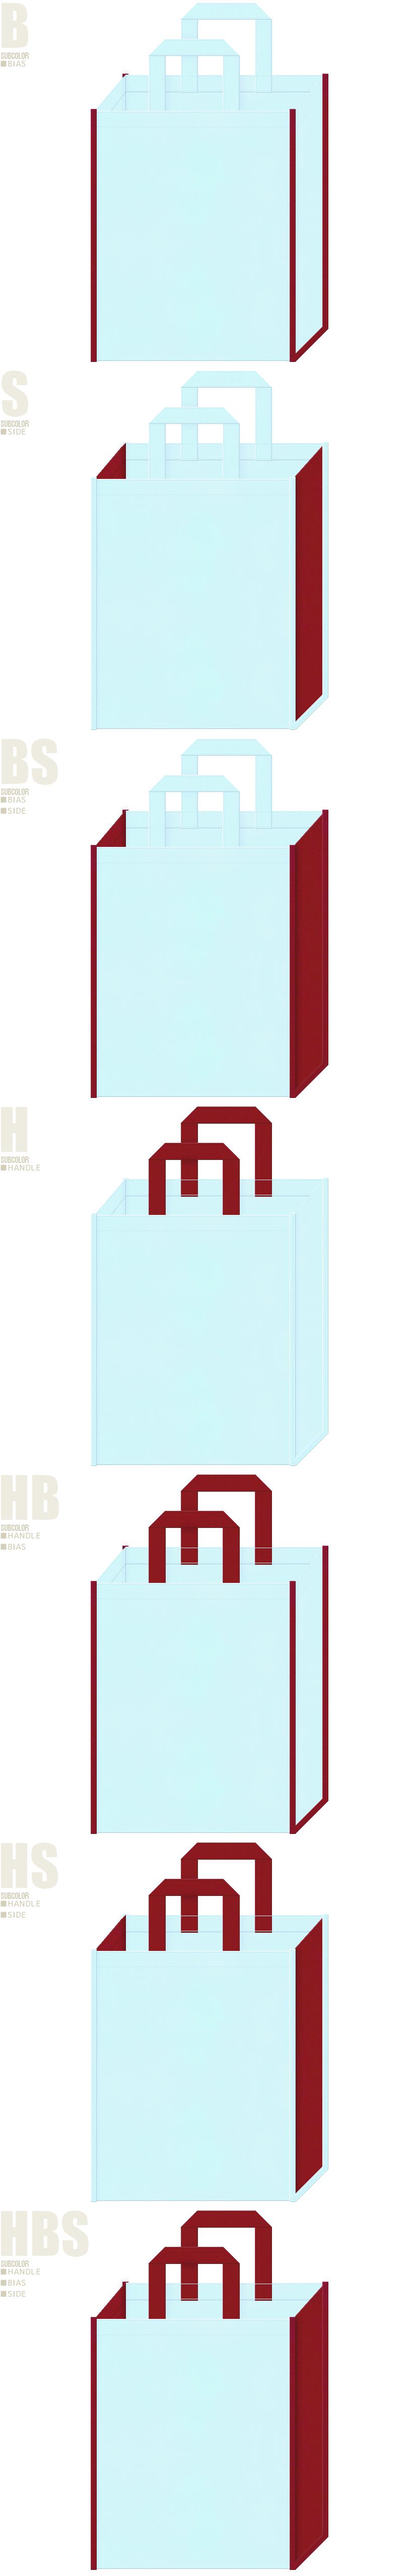 水色とエンジ色-7パターンの不織布トートバッグ配色デザイン例:浴衣風の配色です。